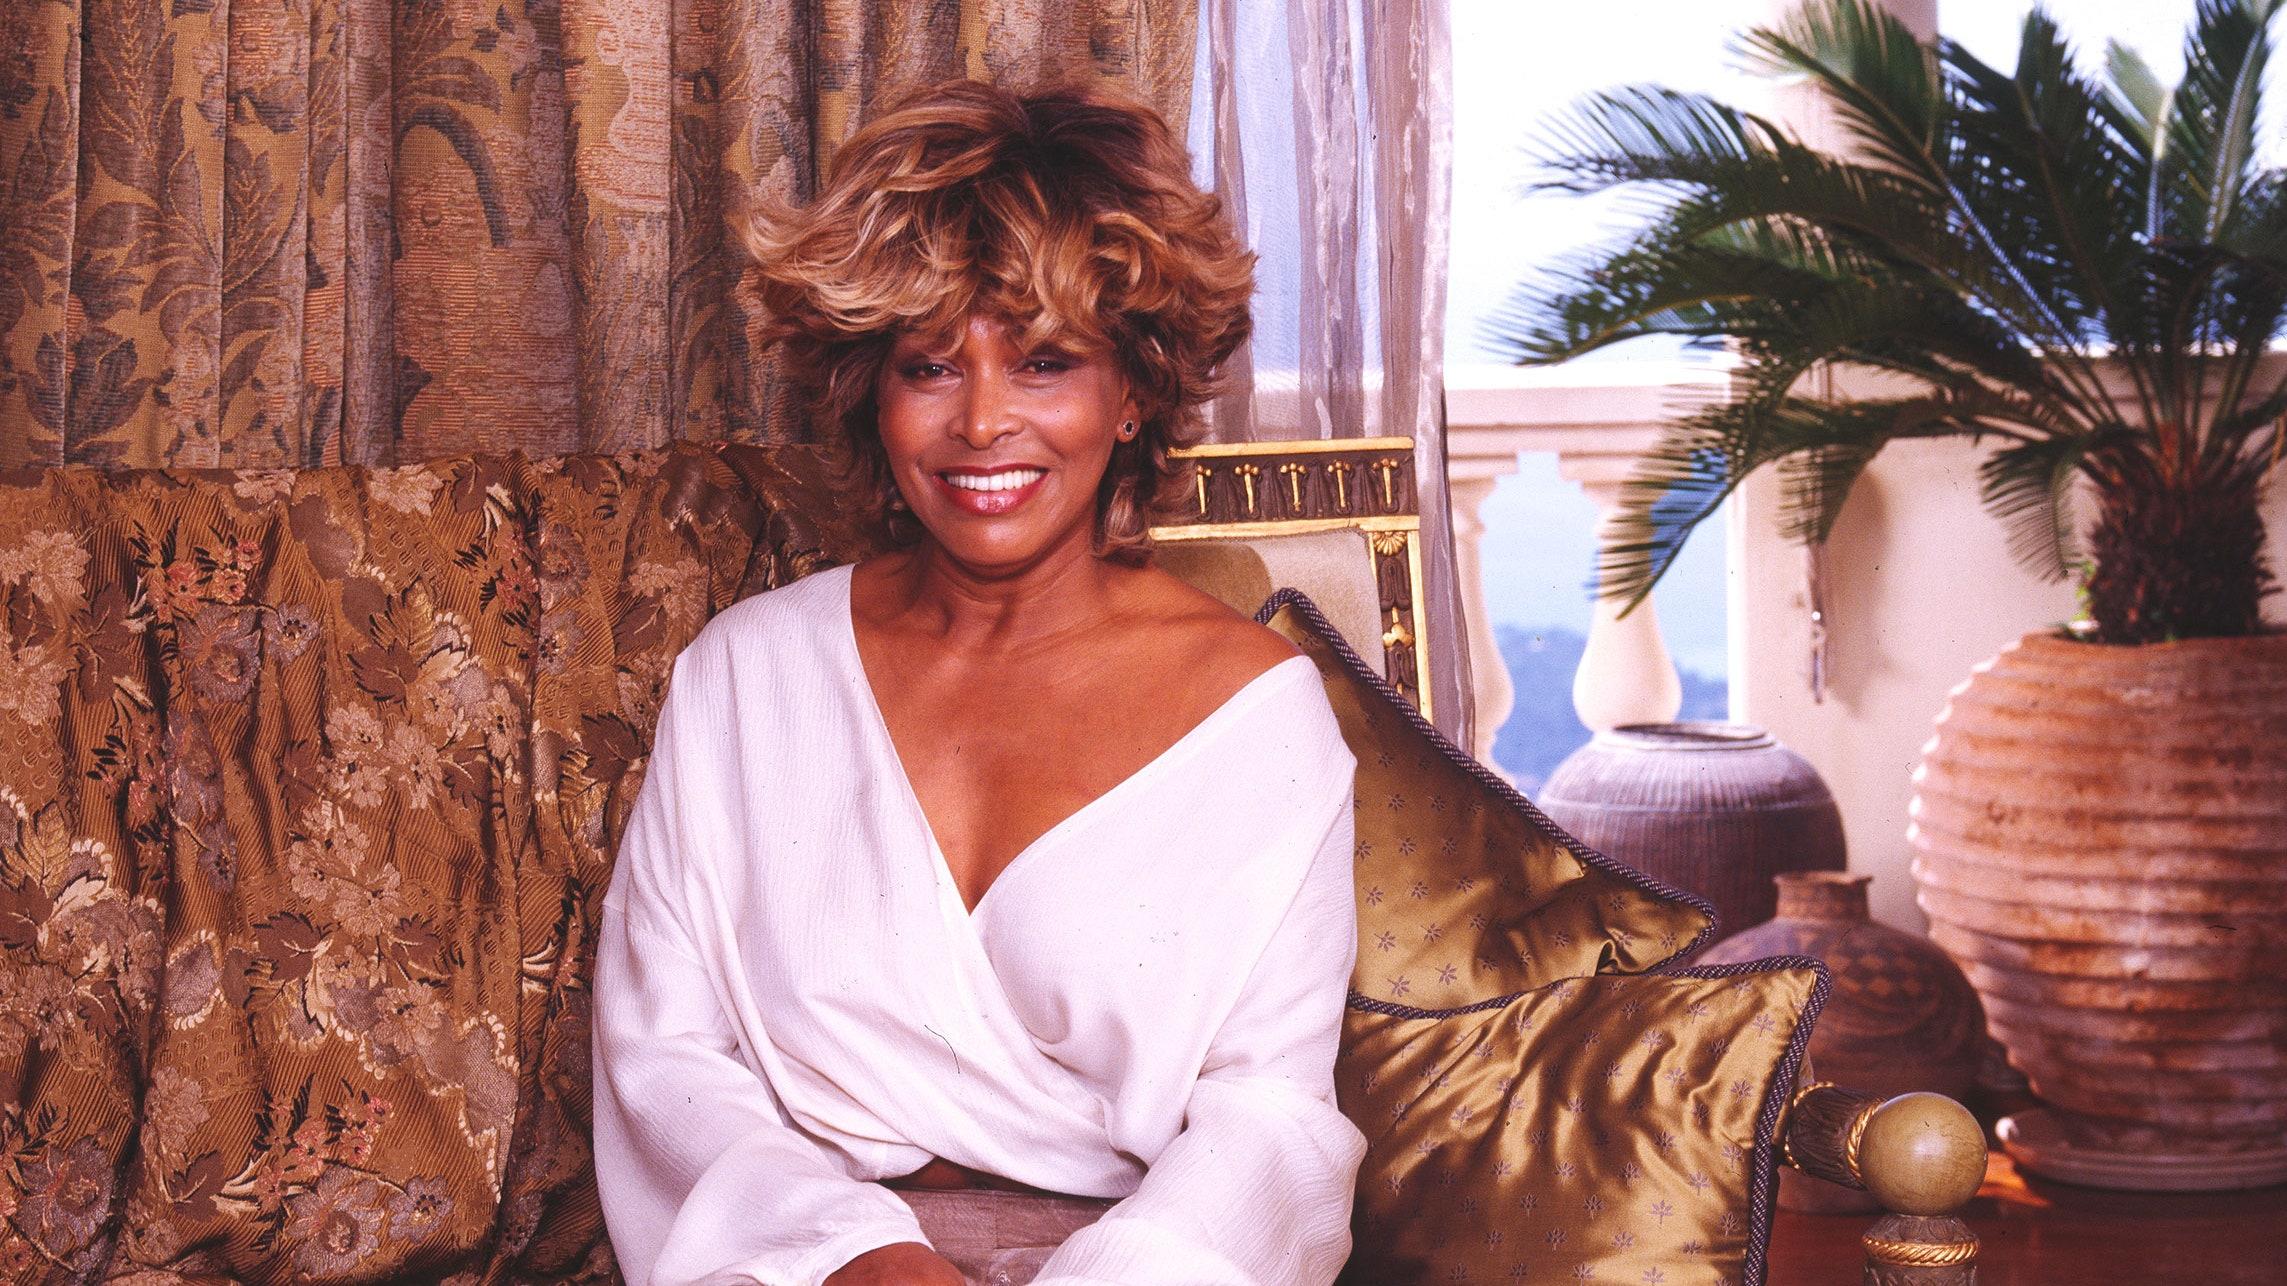 Tina Turner fait ses adieux et se confie sur Ike, son ex-mari violent